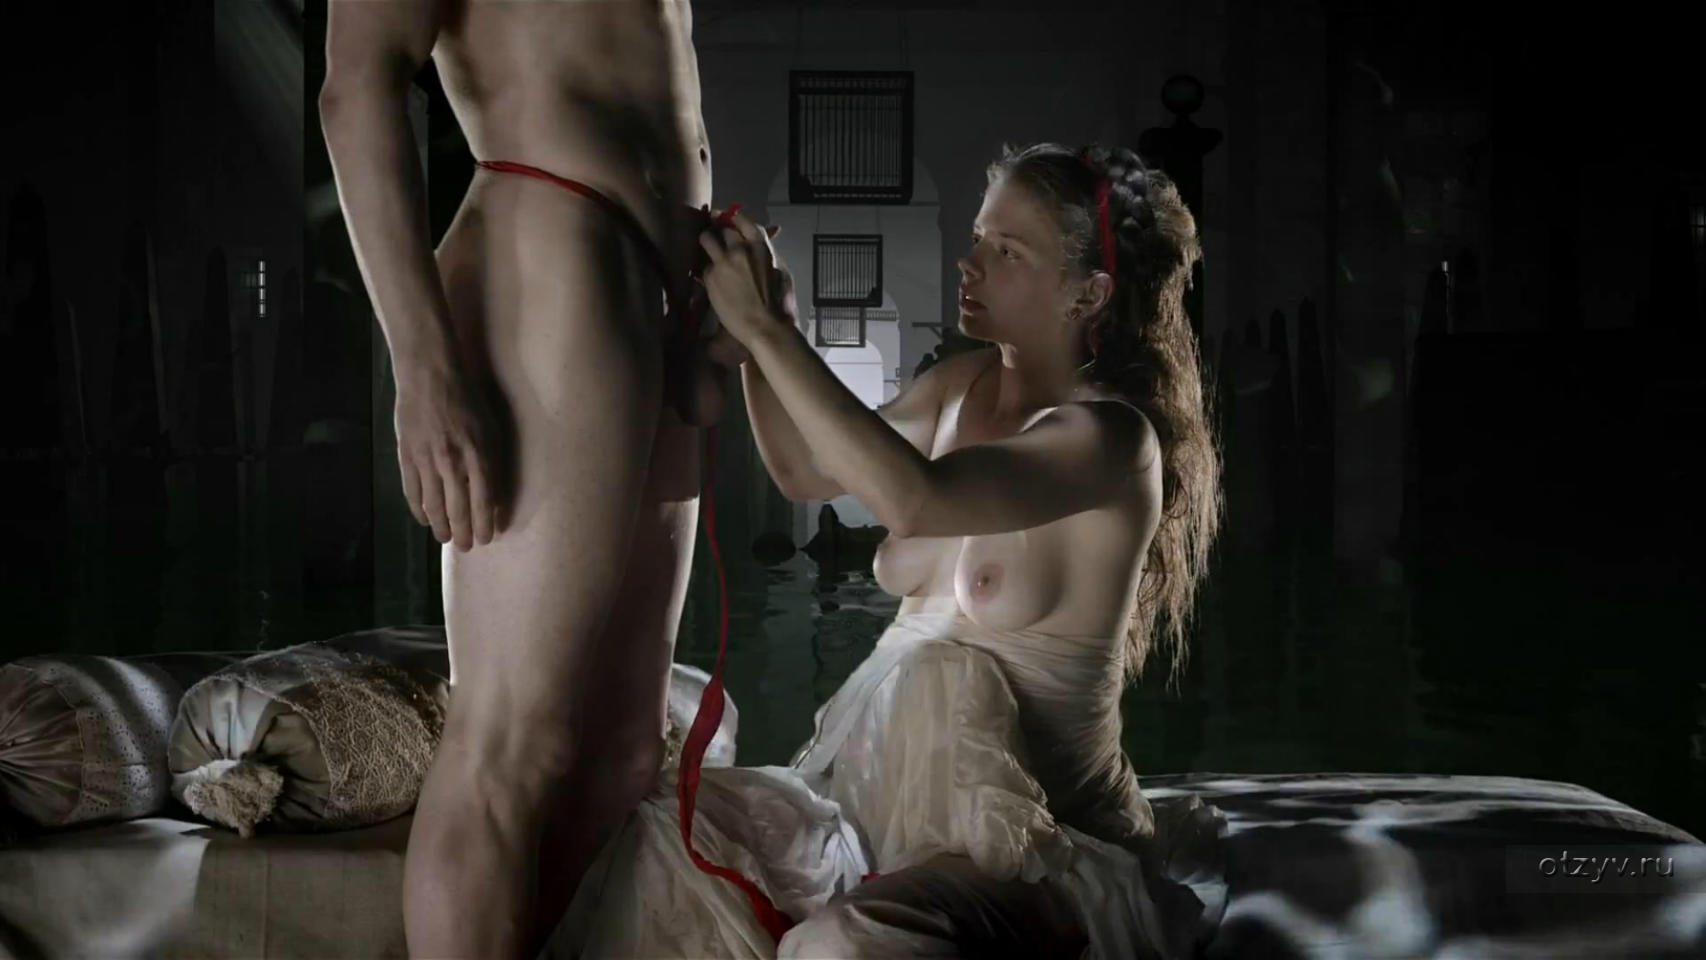 Классический японский порно фильм так-то